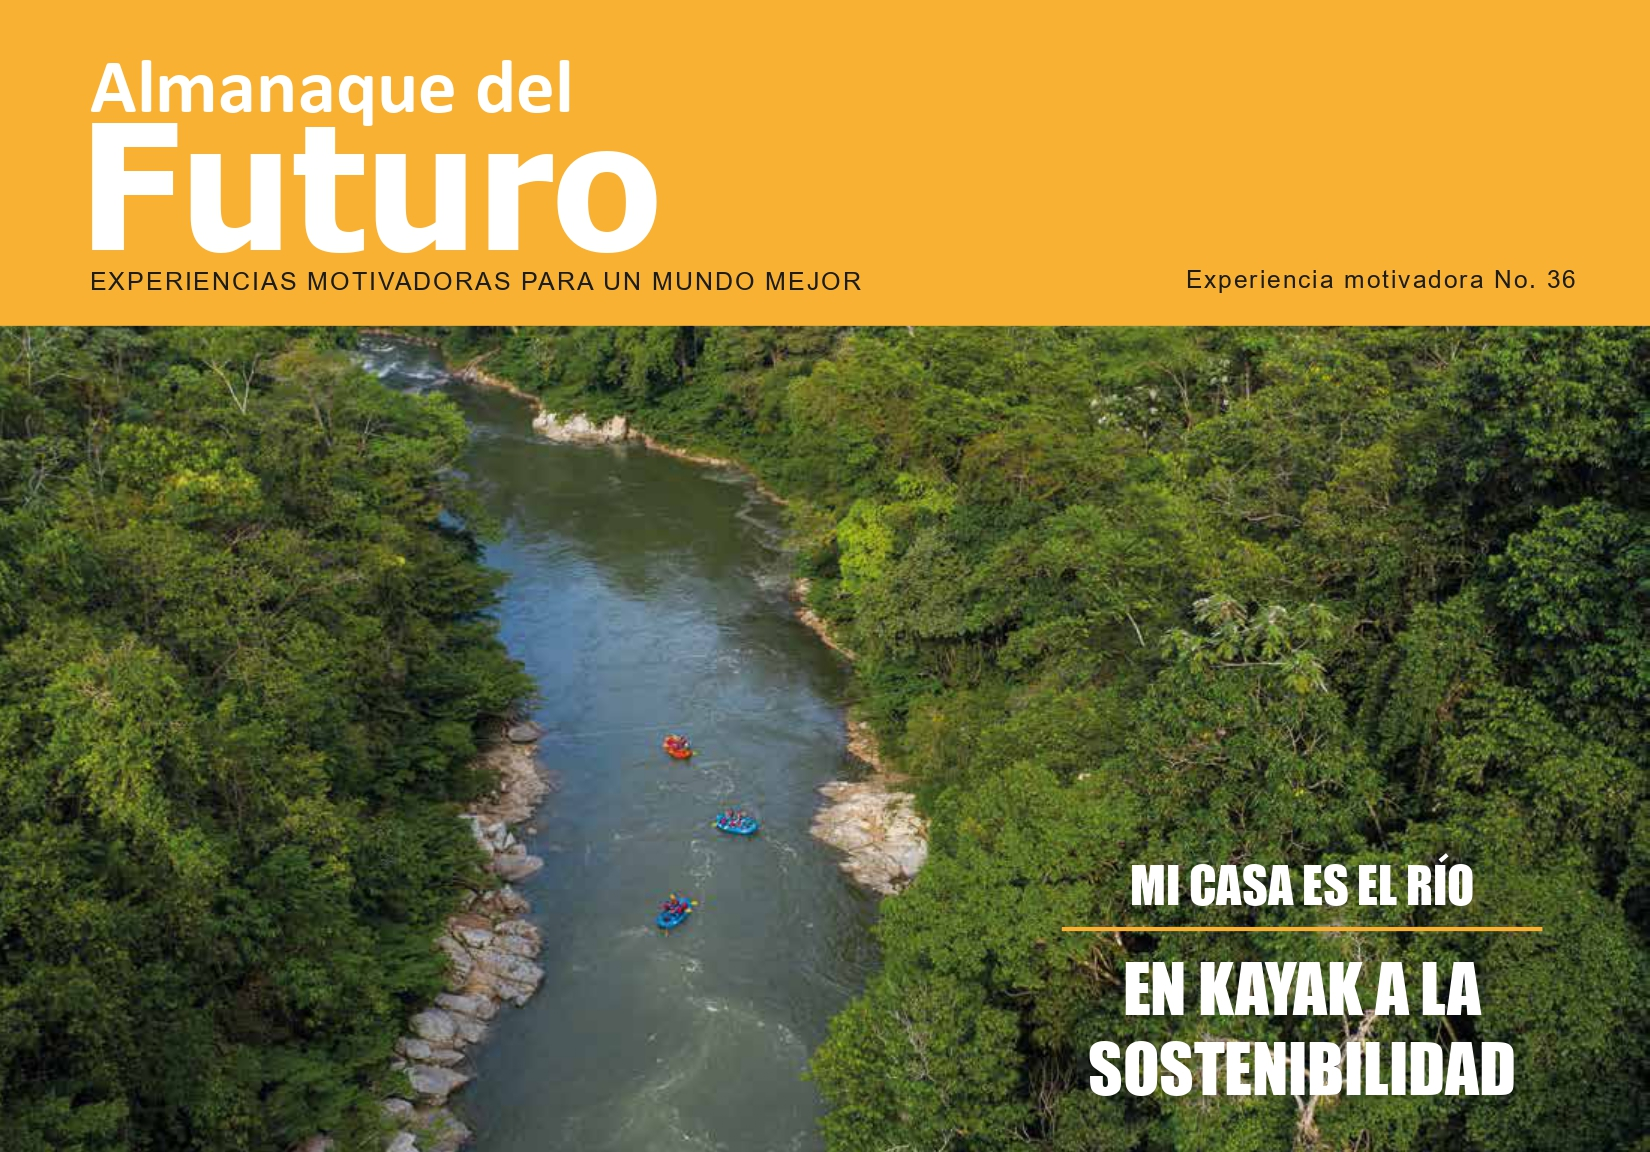 Almanaque del Futuro 36 web (1)_page-0001